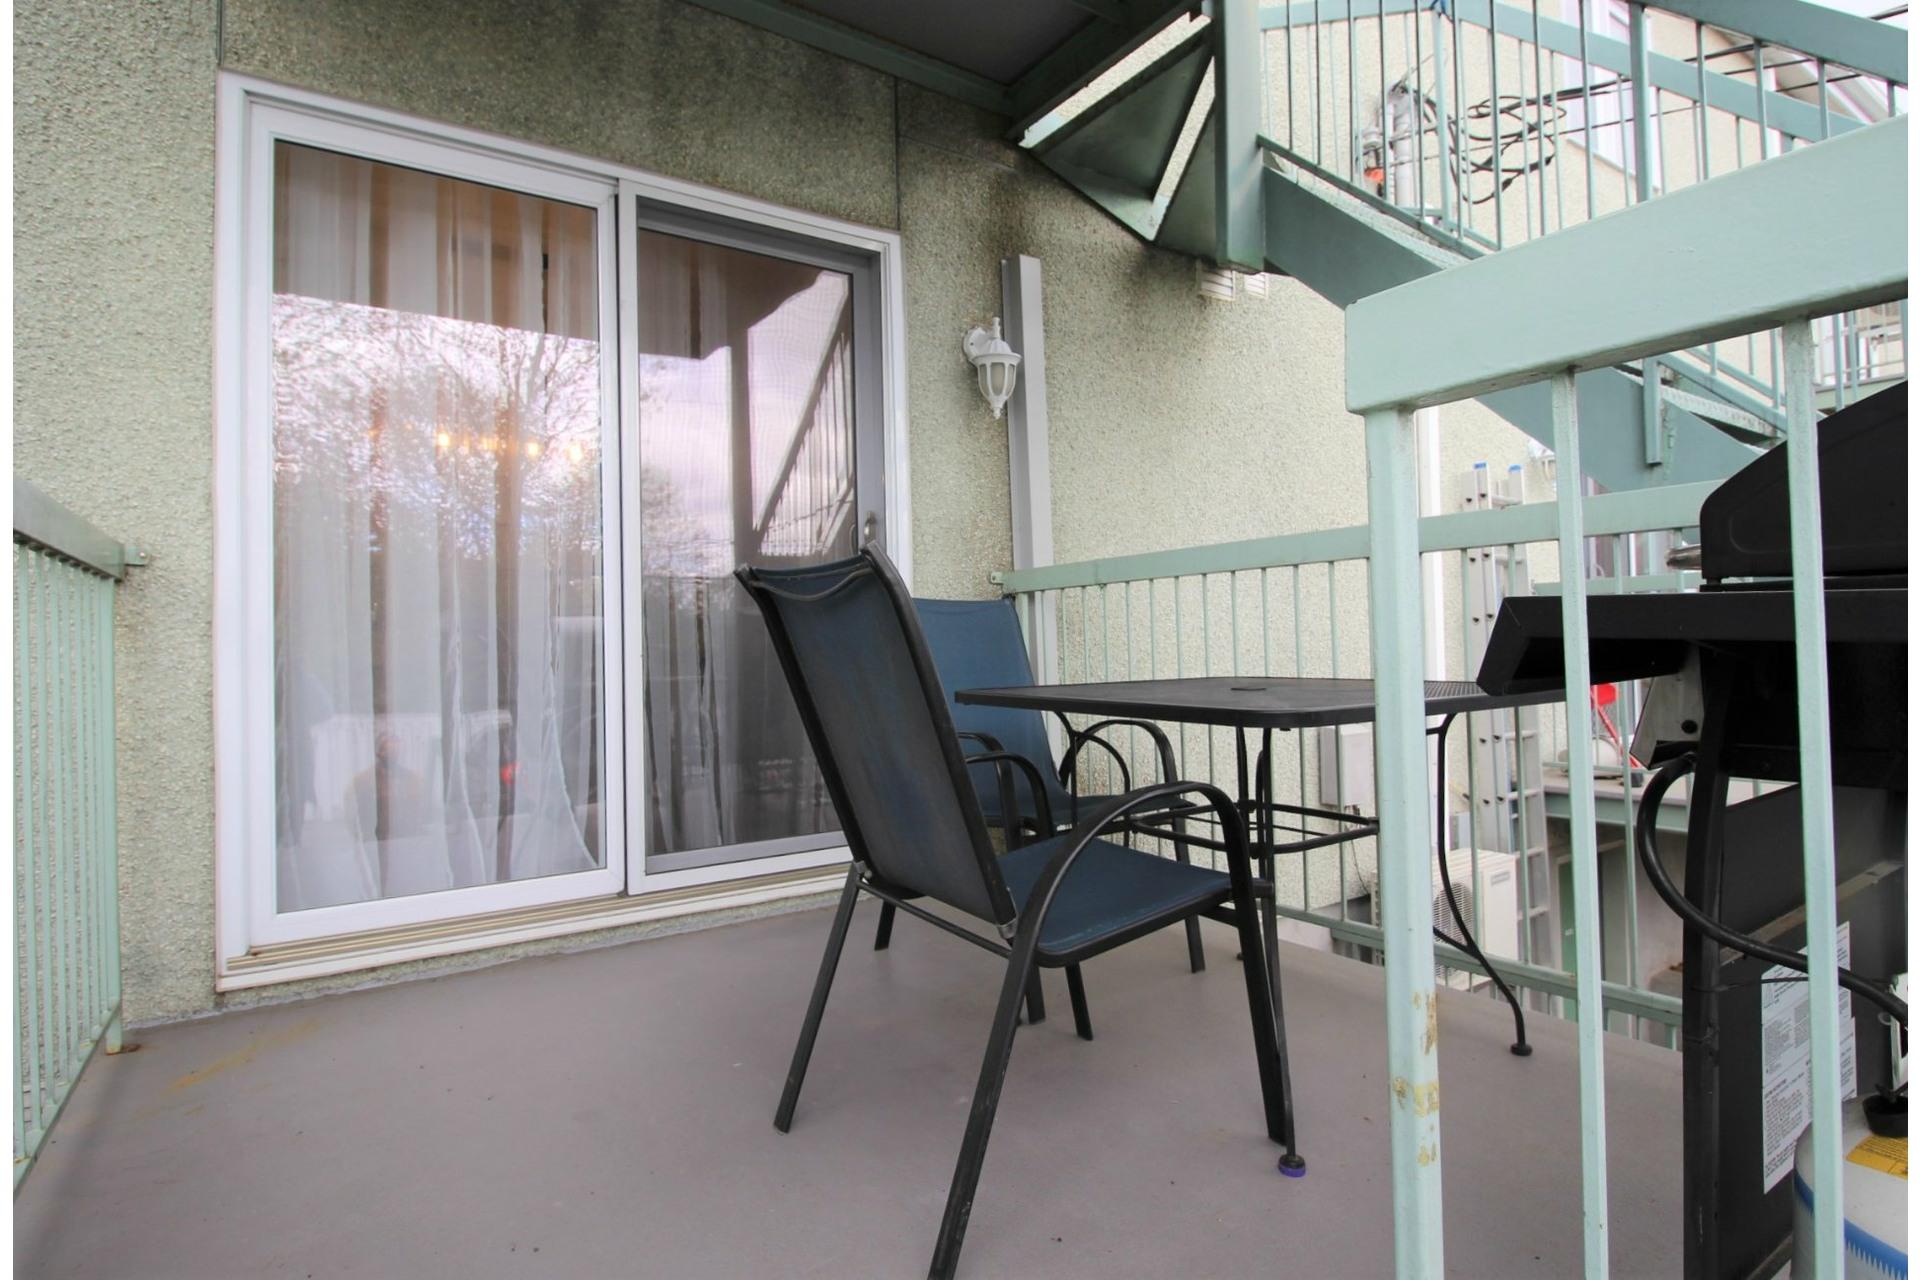 image 26 - Apartment For sale Terrebonne Terrebonne  - 6 rooms